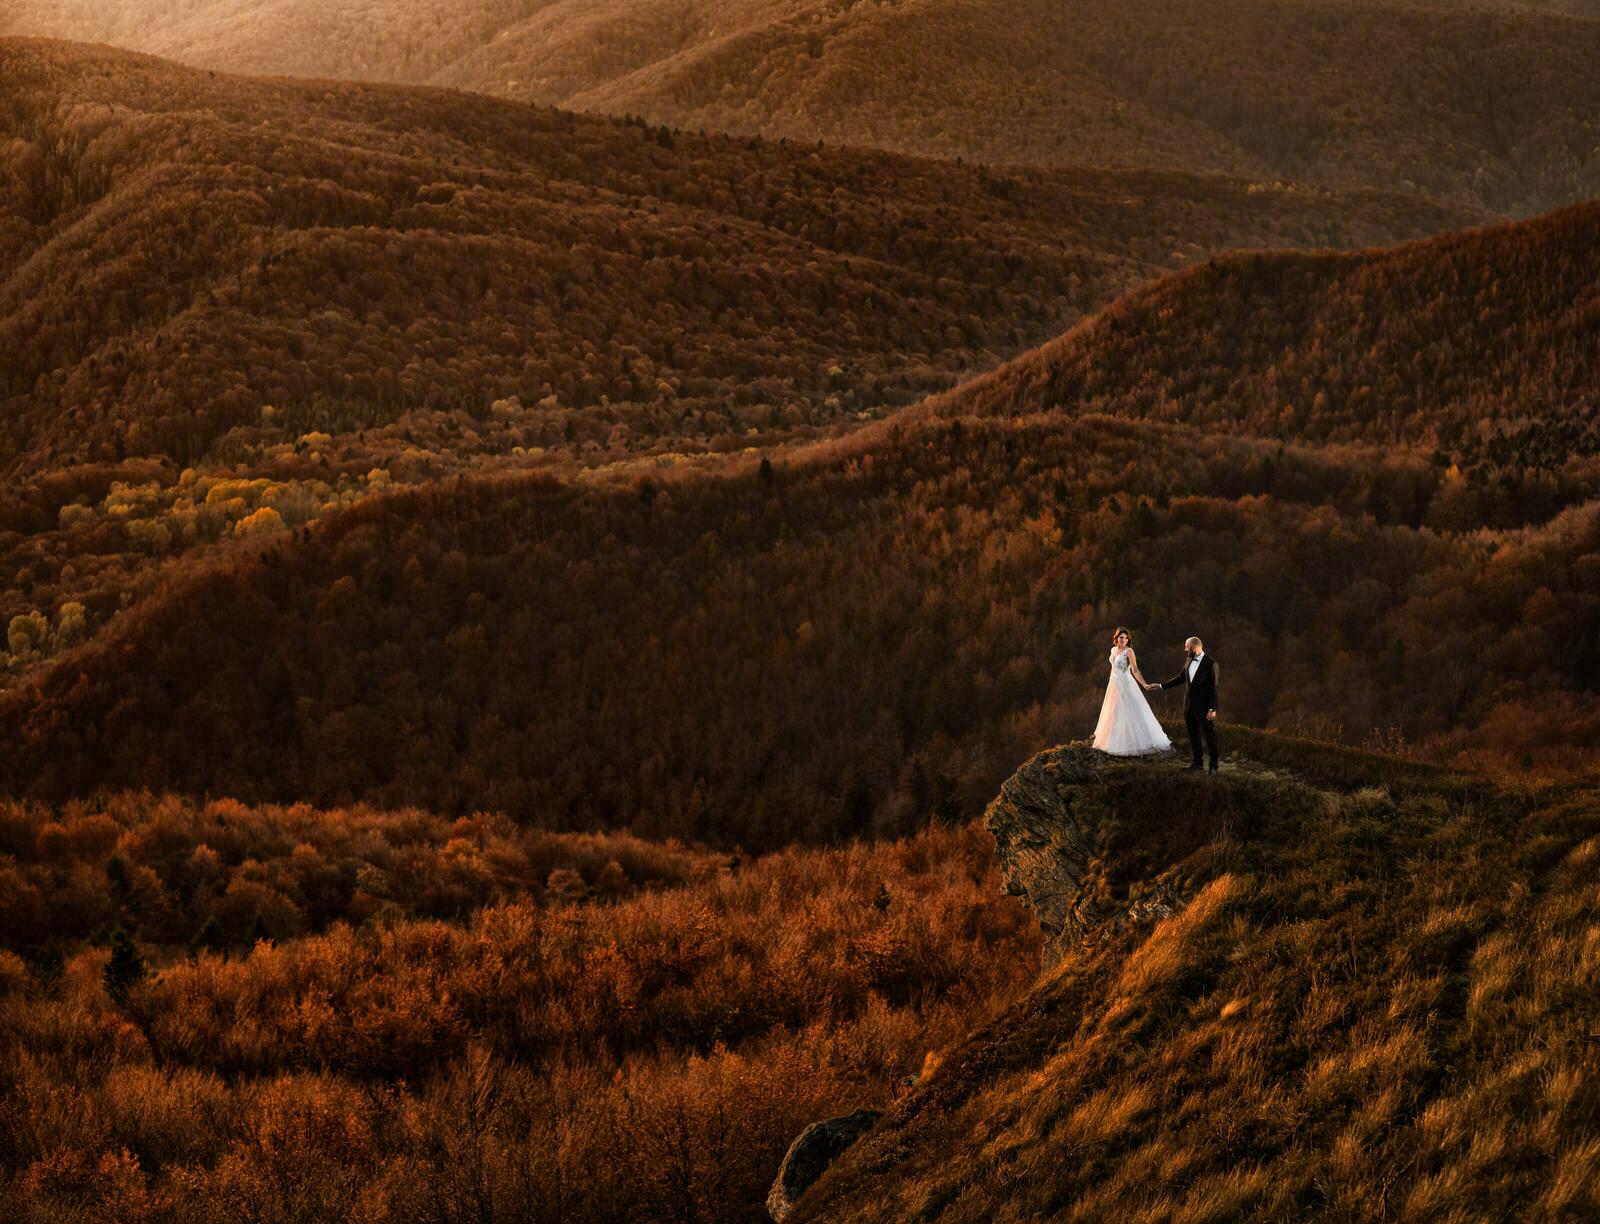 fotograficzna sesja ślubna w Bieszczadach na podkarpaciu